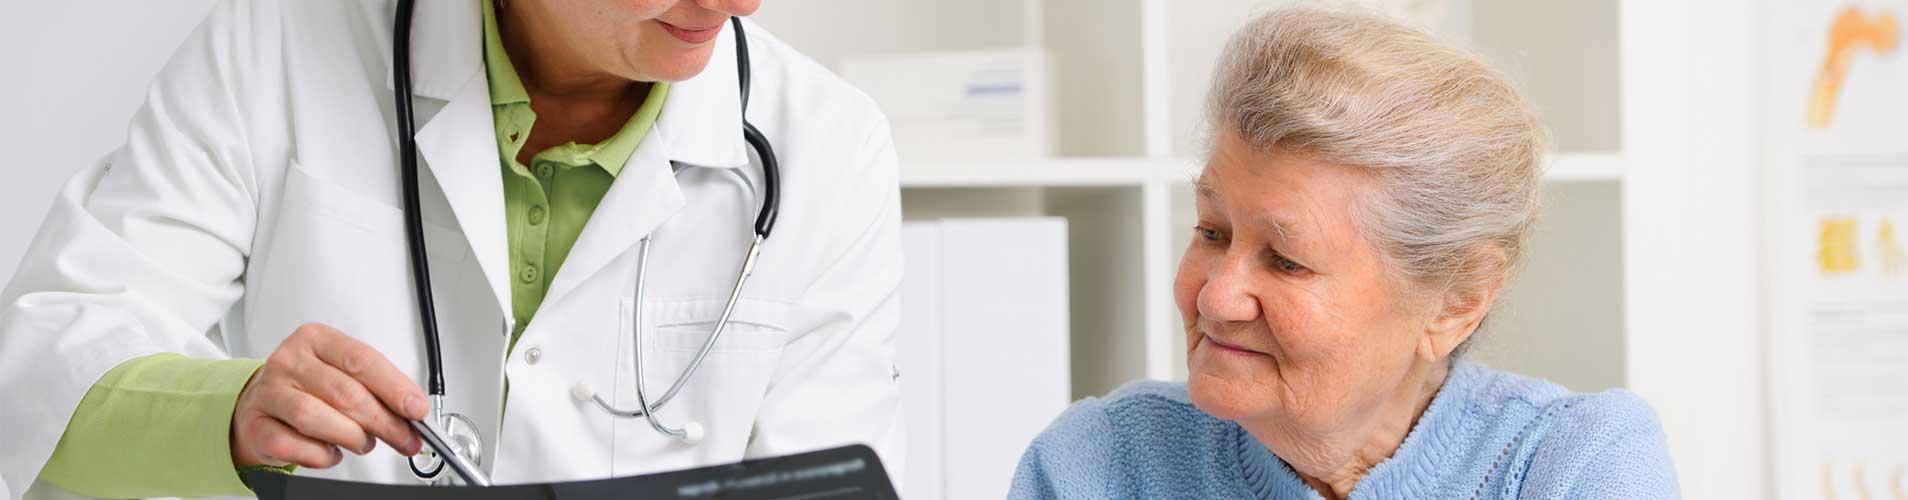 PneumoCenter - Centro de Estudo e Tratamento da Tosse - 3 | WSI Marketing Digital